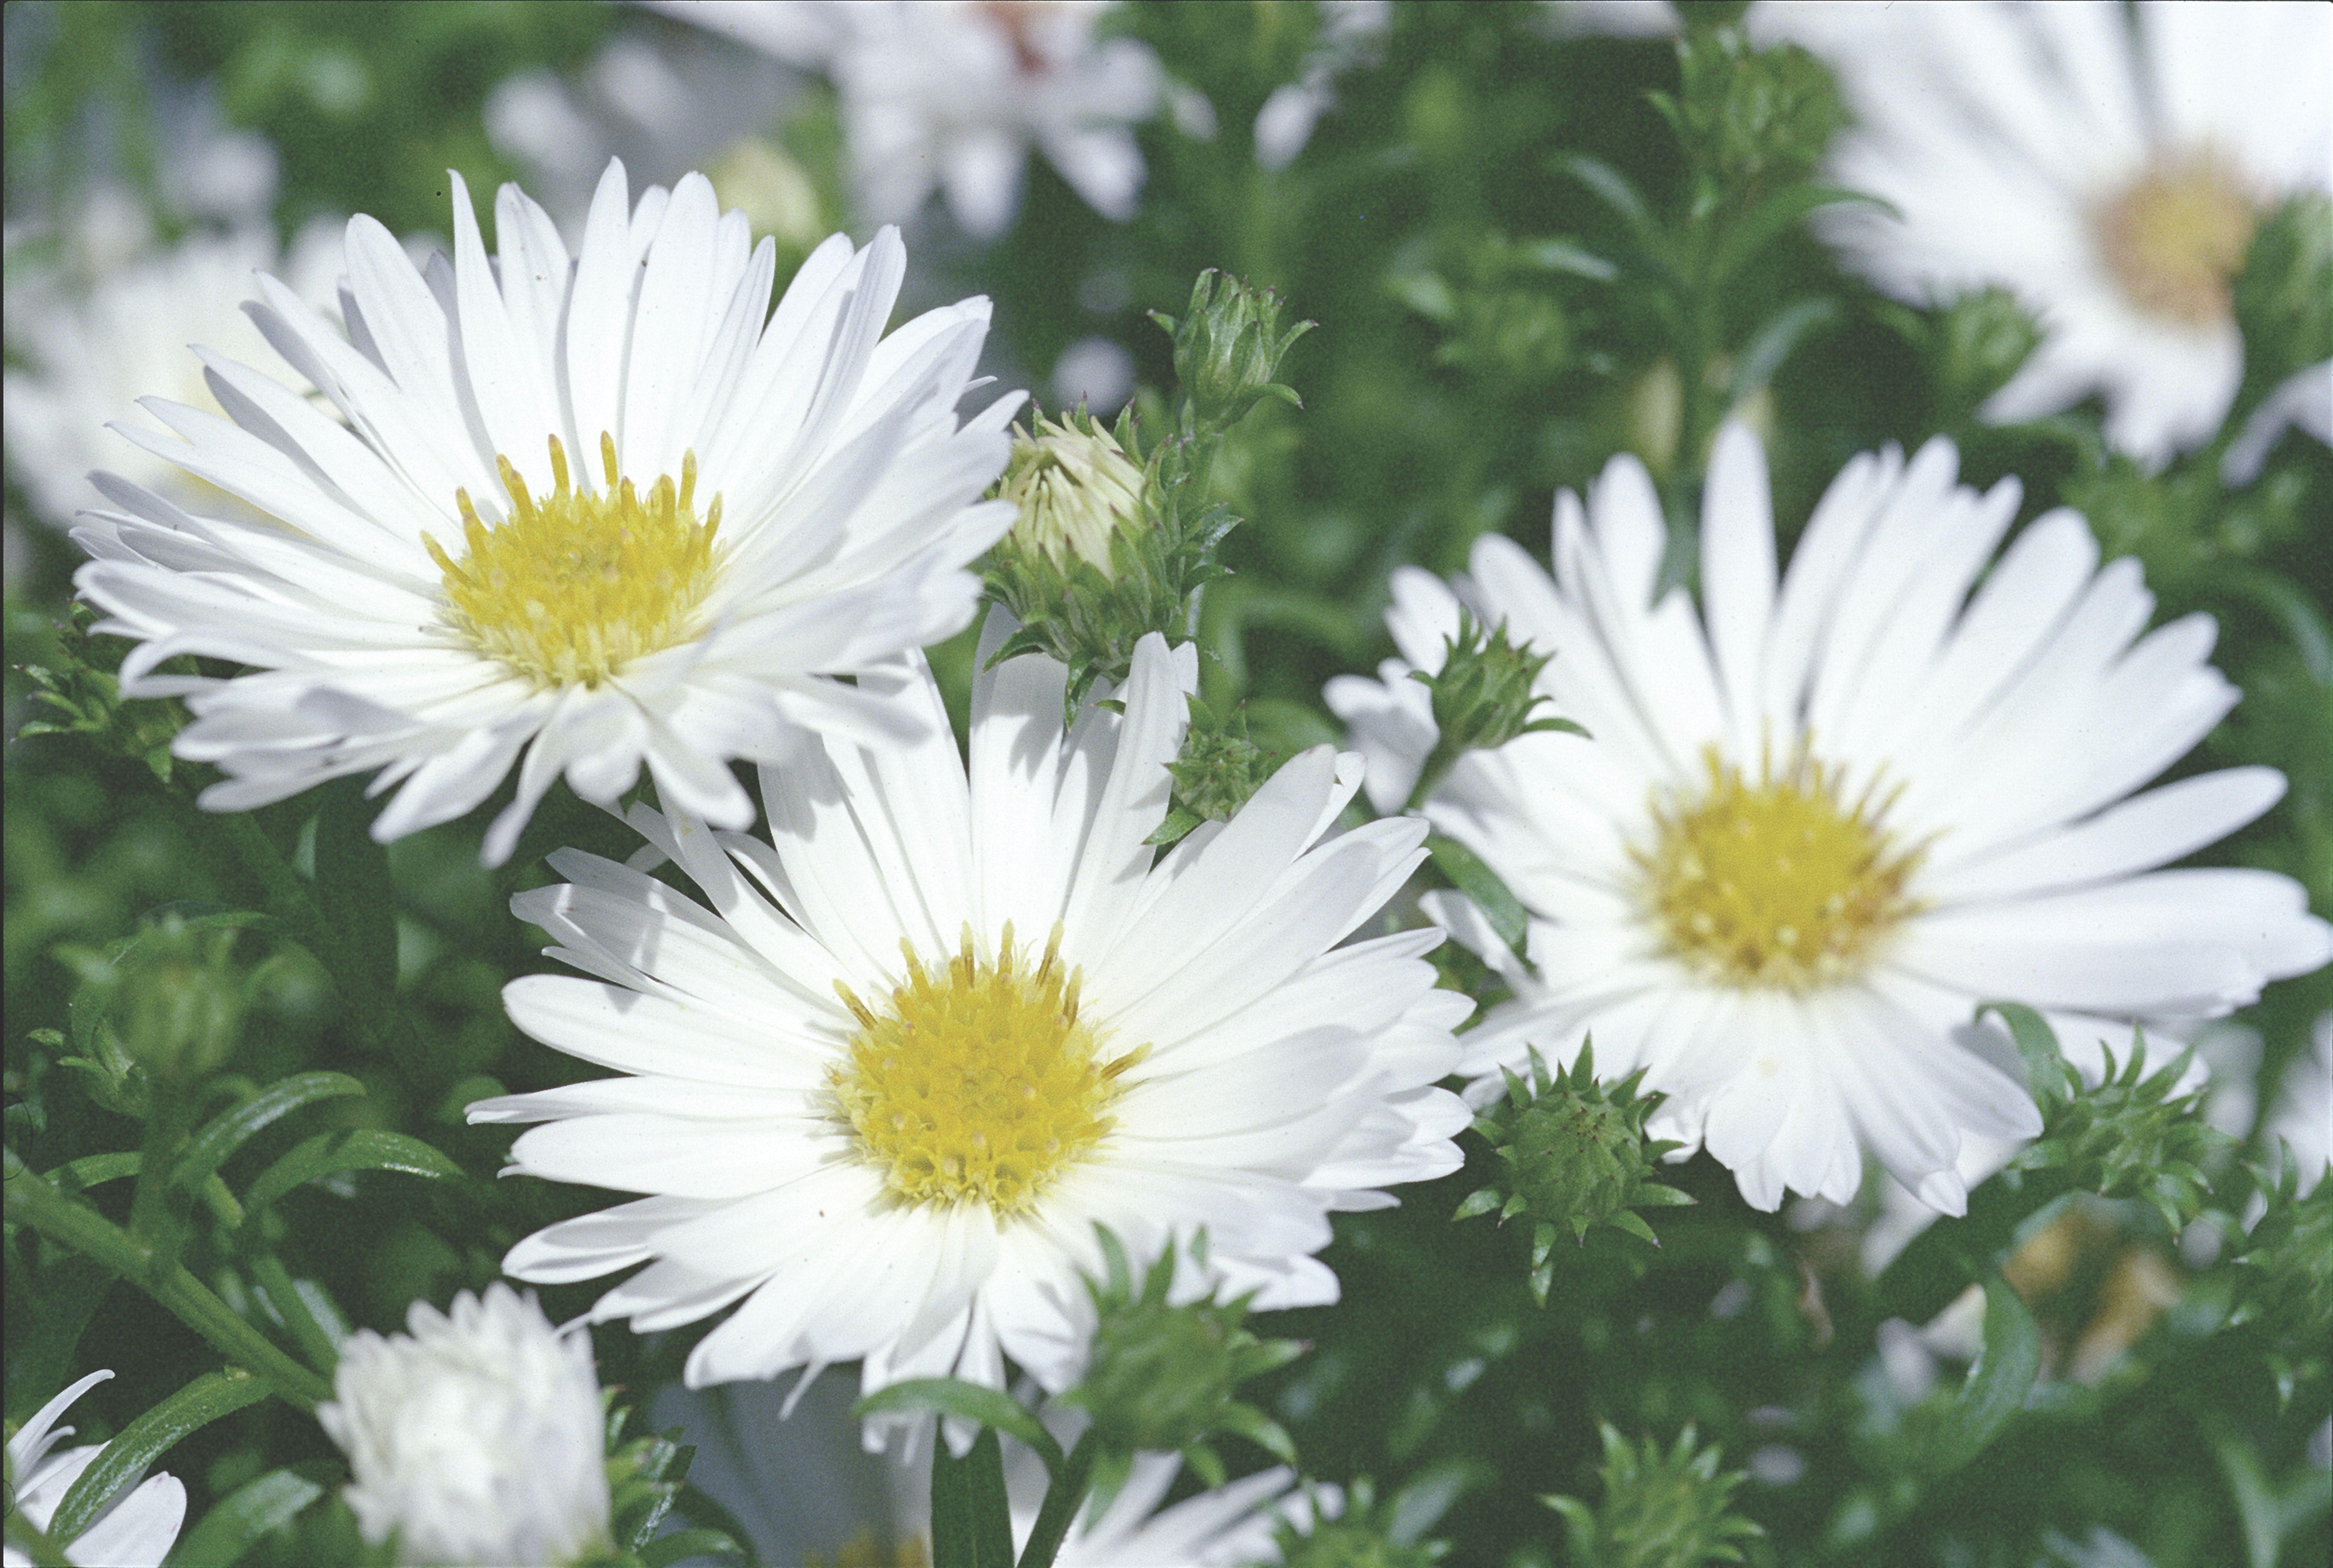 Aster Novii Belgi Magic White Flower Garden Flowers Plants